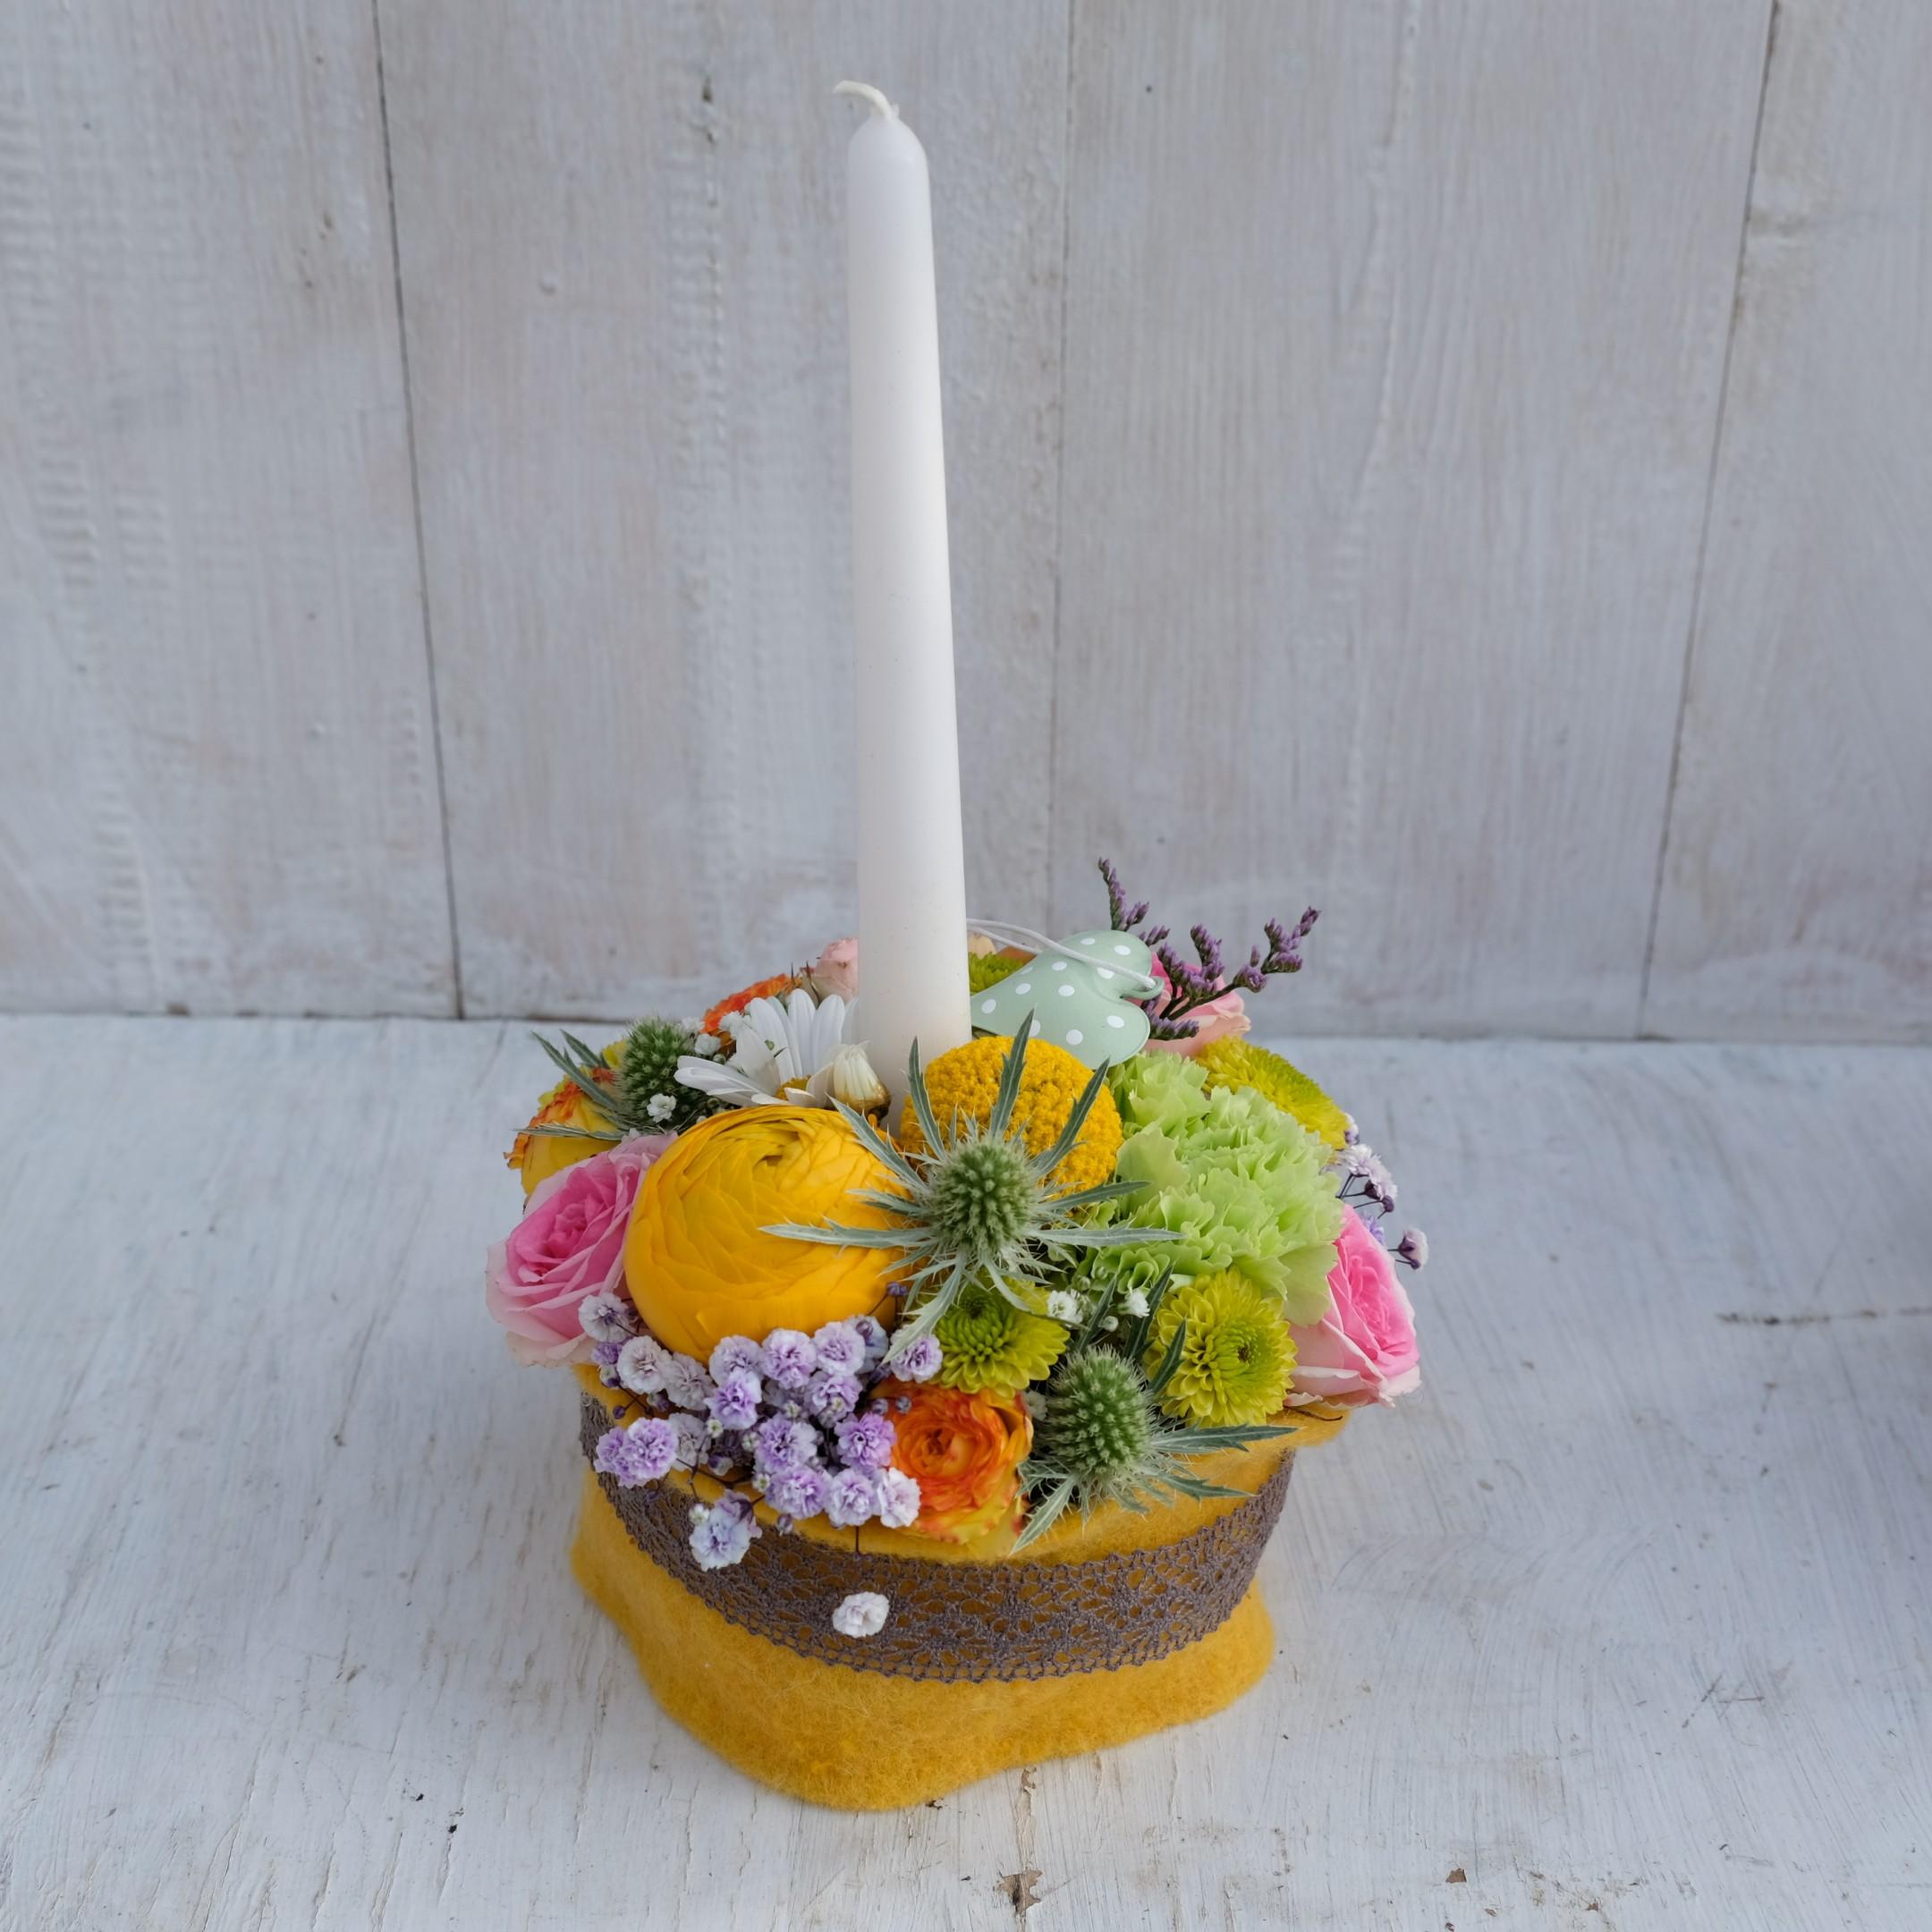 Mamas Blumentorte Bild 4